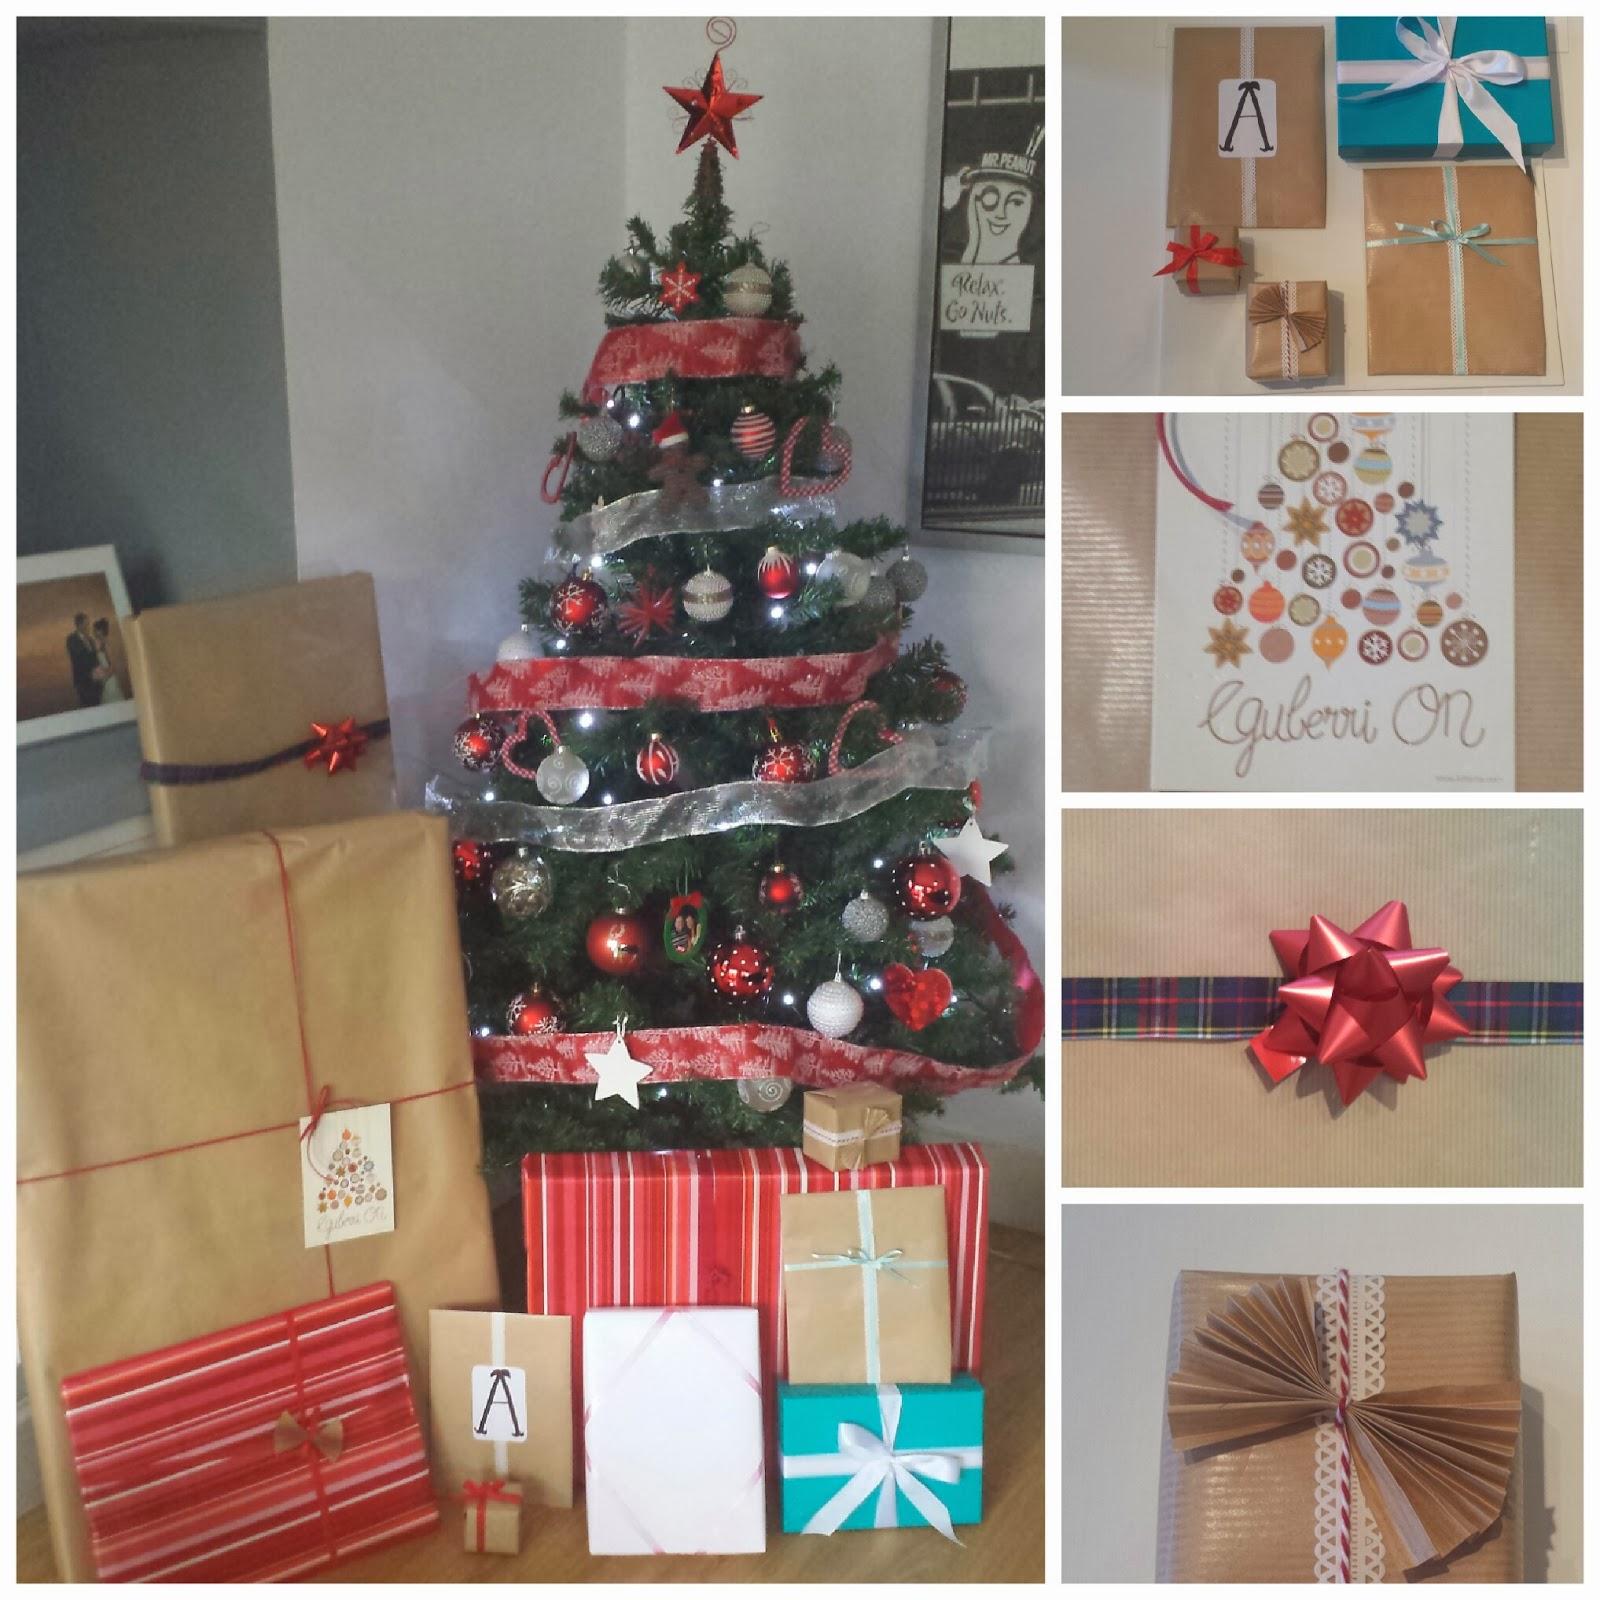 El blog de mai paquetes de regalo originales - Paquetes originales para regalos ...